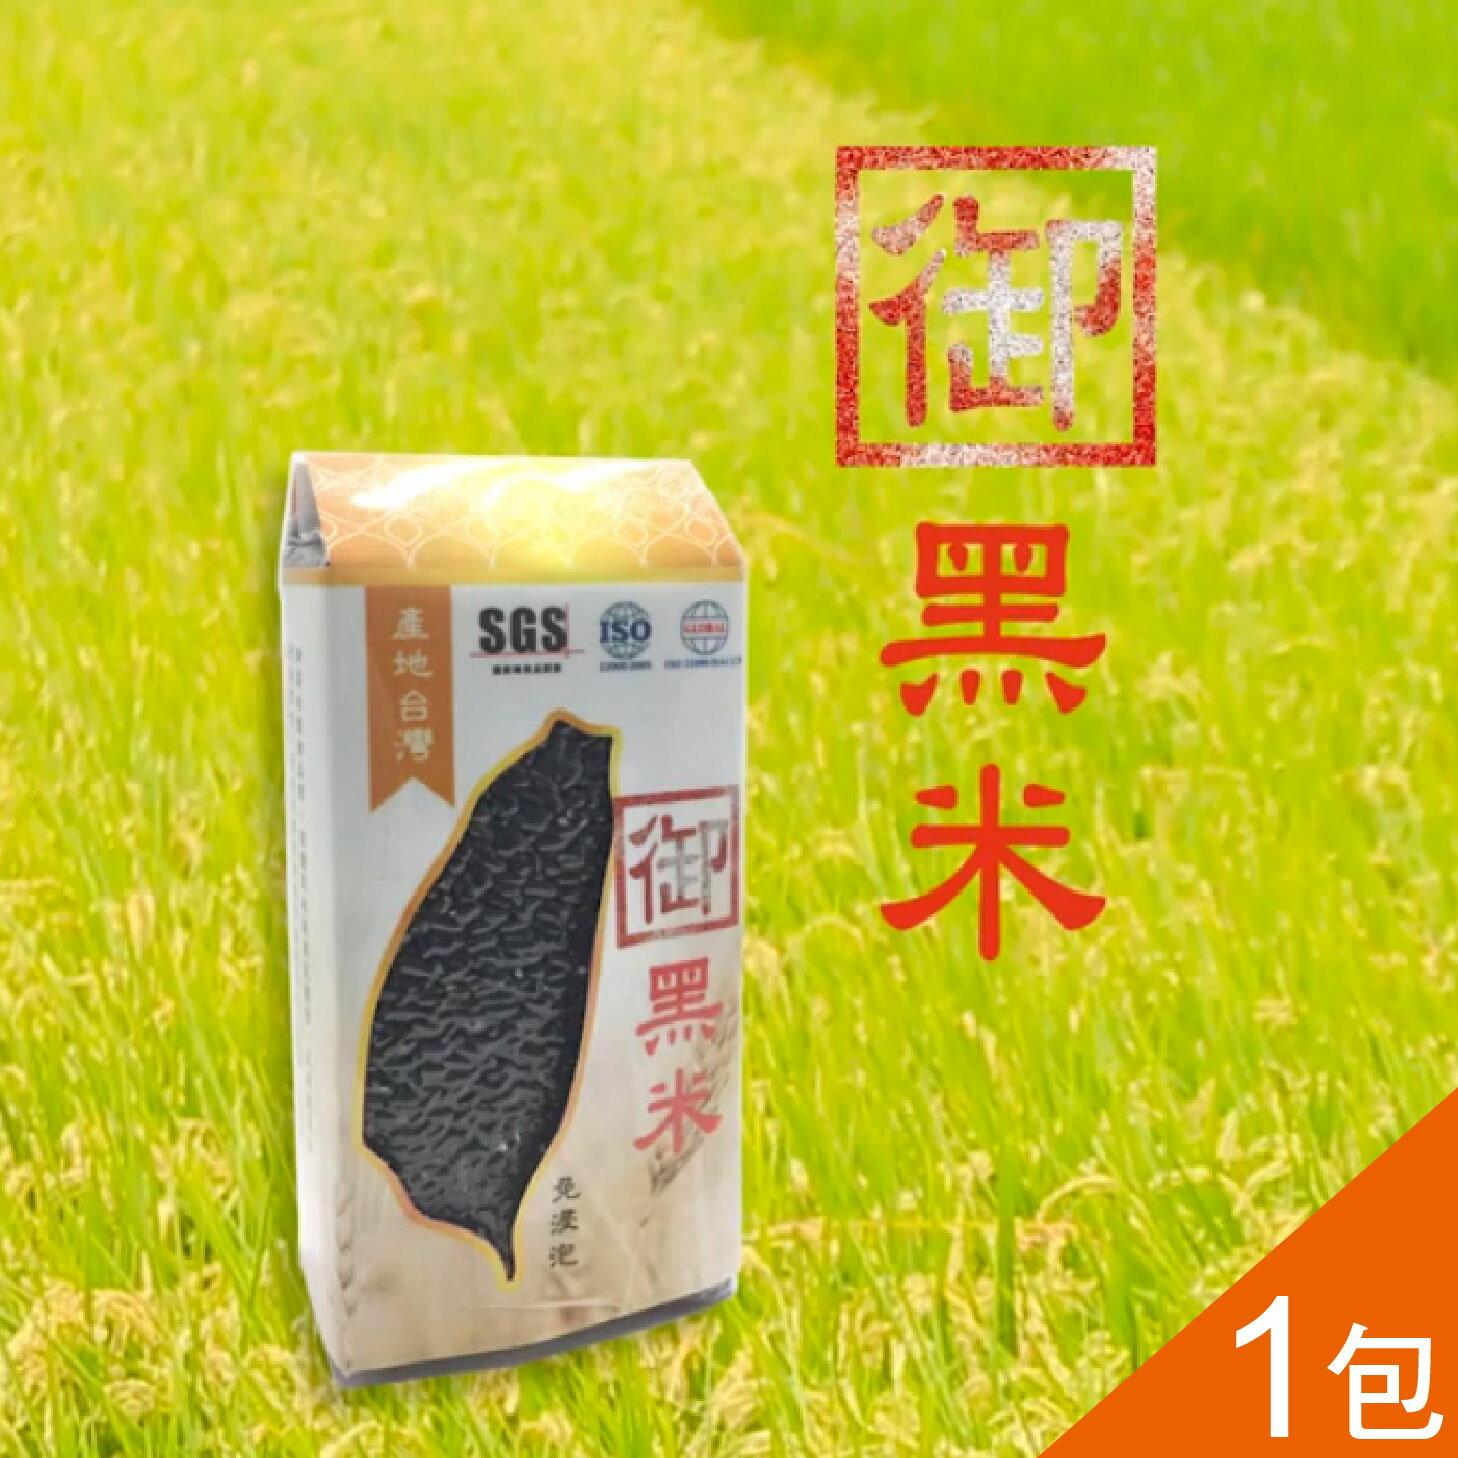 黑糯糙米御黑米 養生黑米 黑糙米 600g (1包入) 天然花青素 豐富膳食纖維 可免洗 無農藥重金屬殘留 100%台灣生產